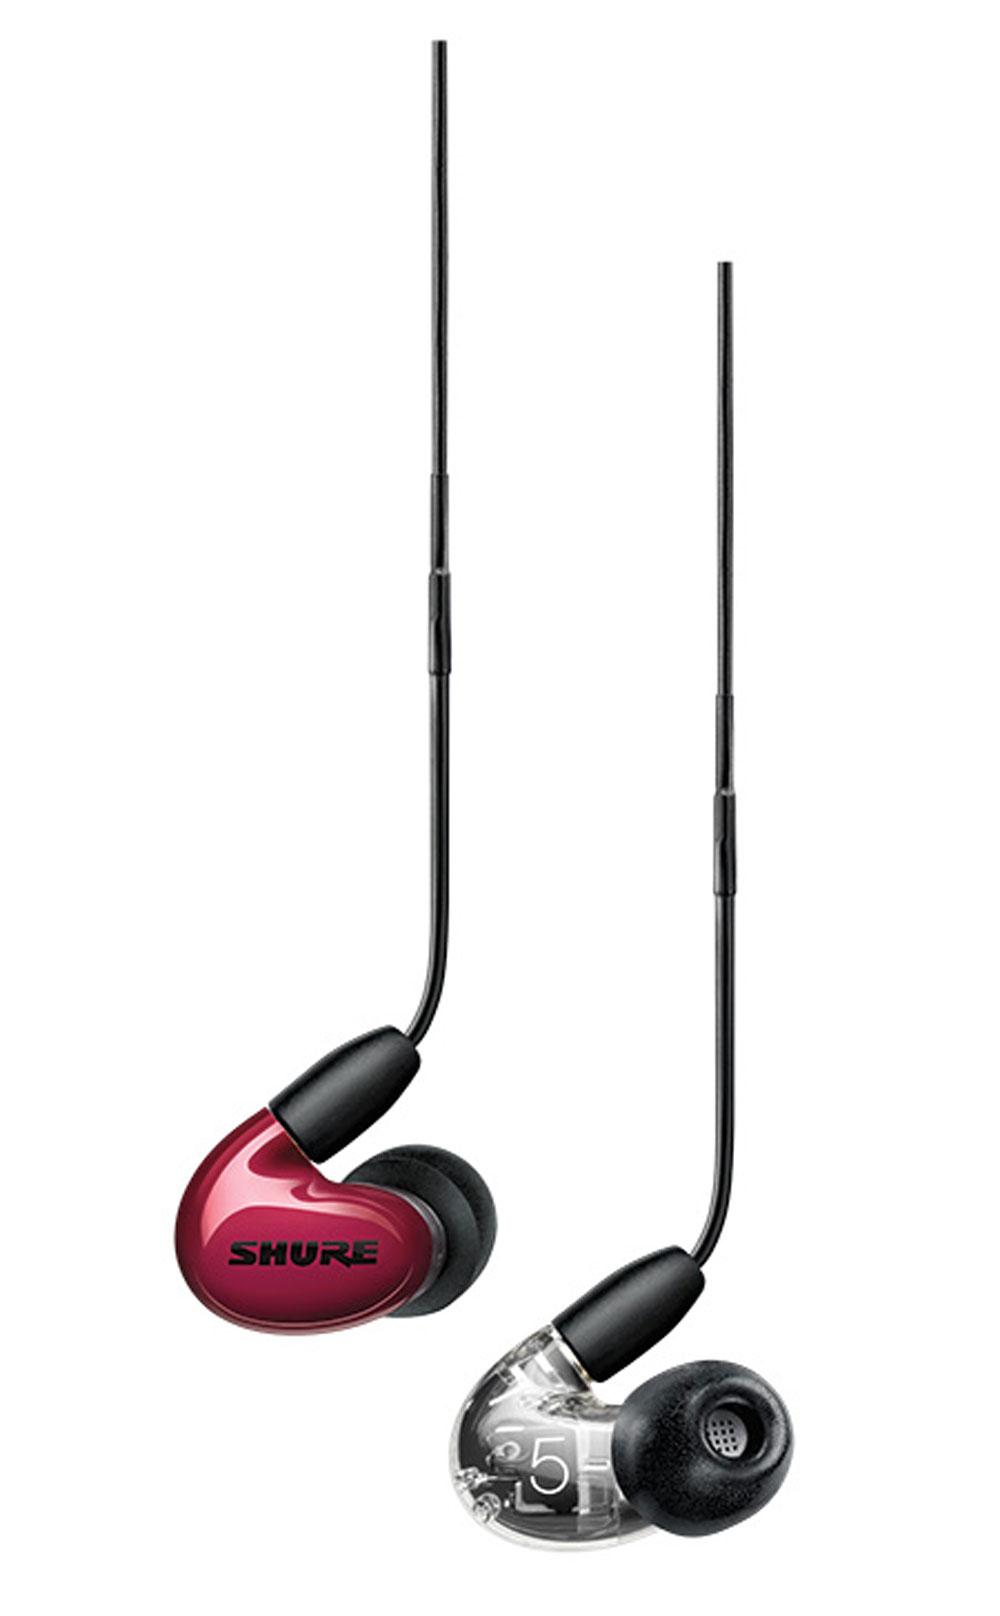 画像3: シュア、有線イヤホンの新製品「AONIC 3 / 4 / 5高遮音性イヤホン」3モデルを同時発売。AONIC 5はノズル交換で好みの音色に変更可能